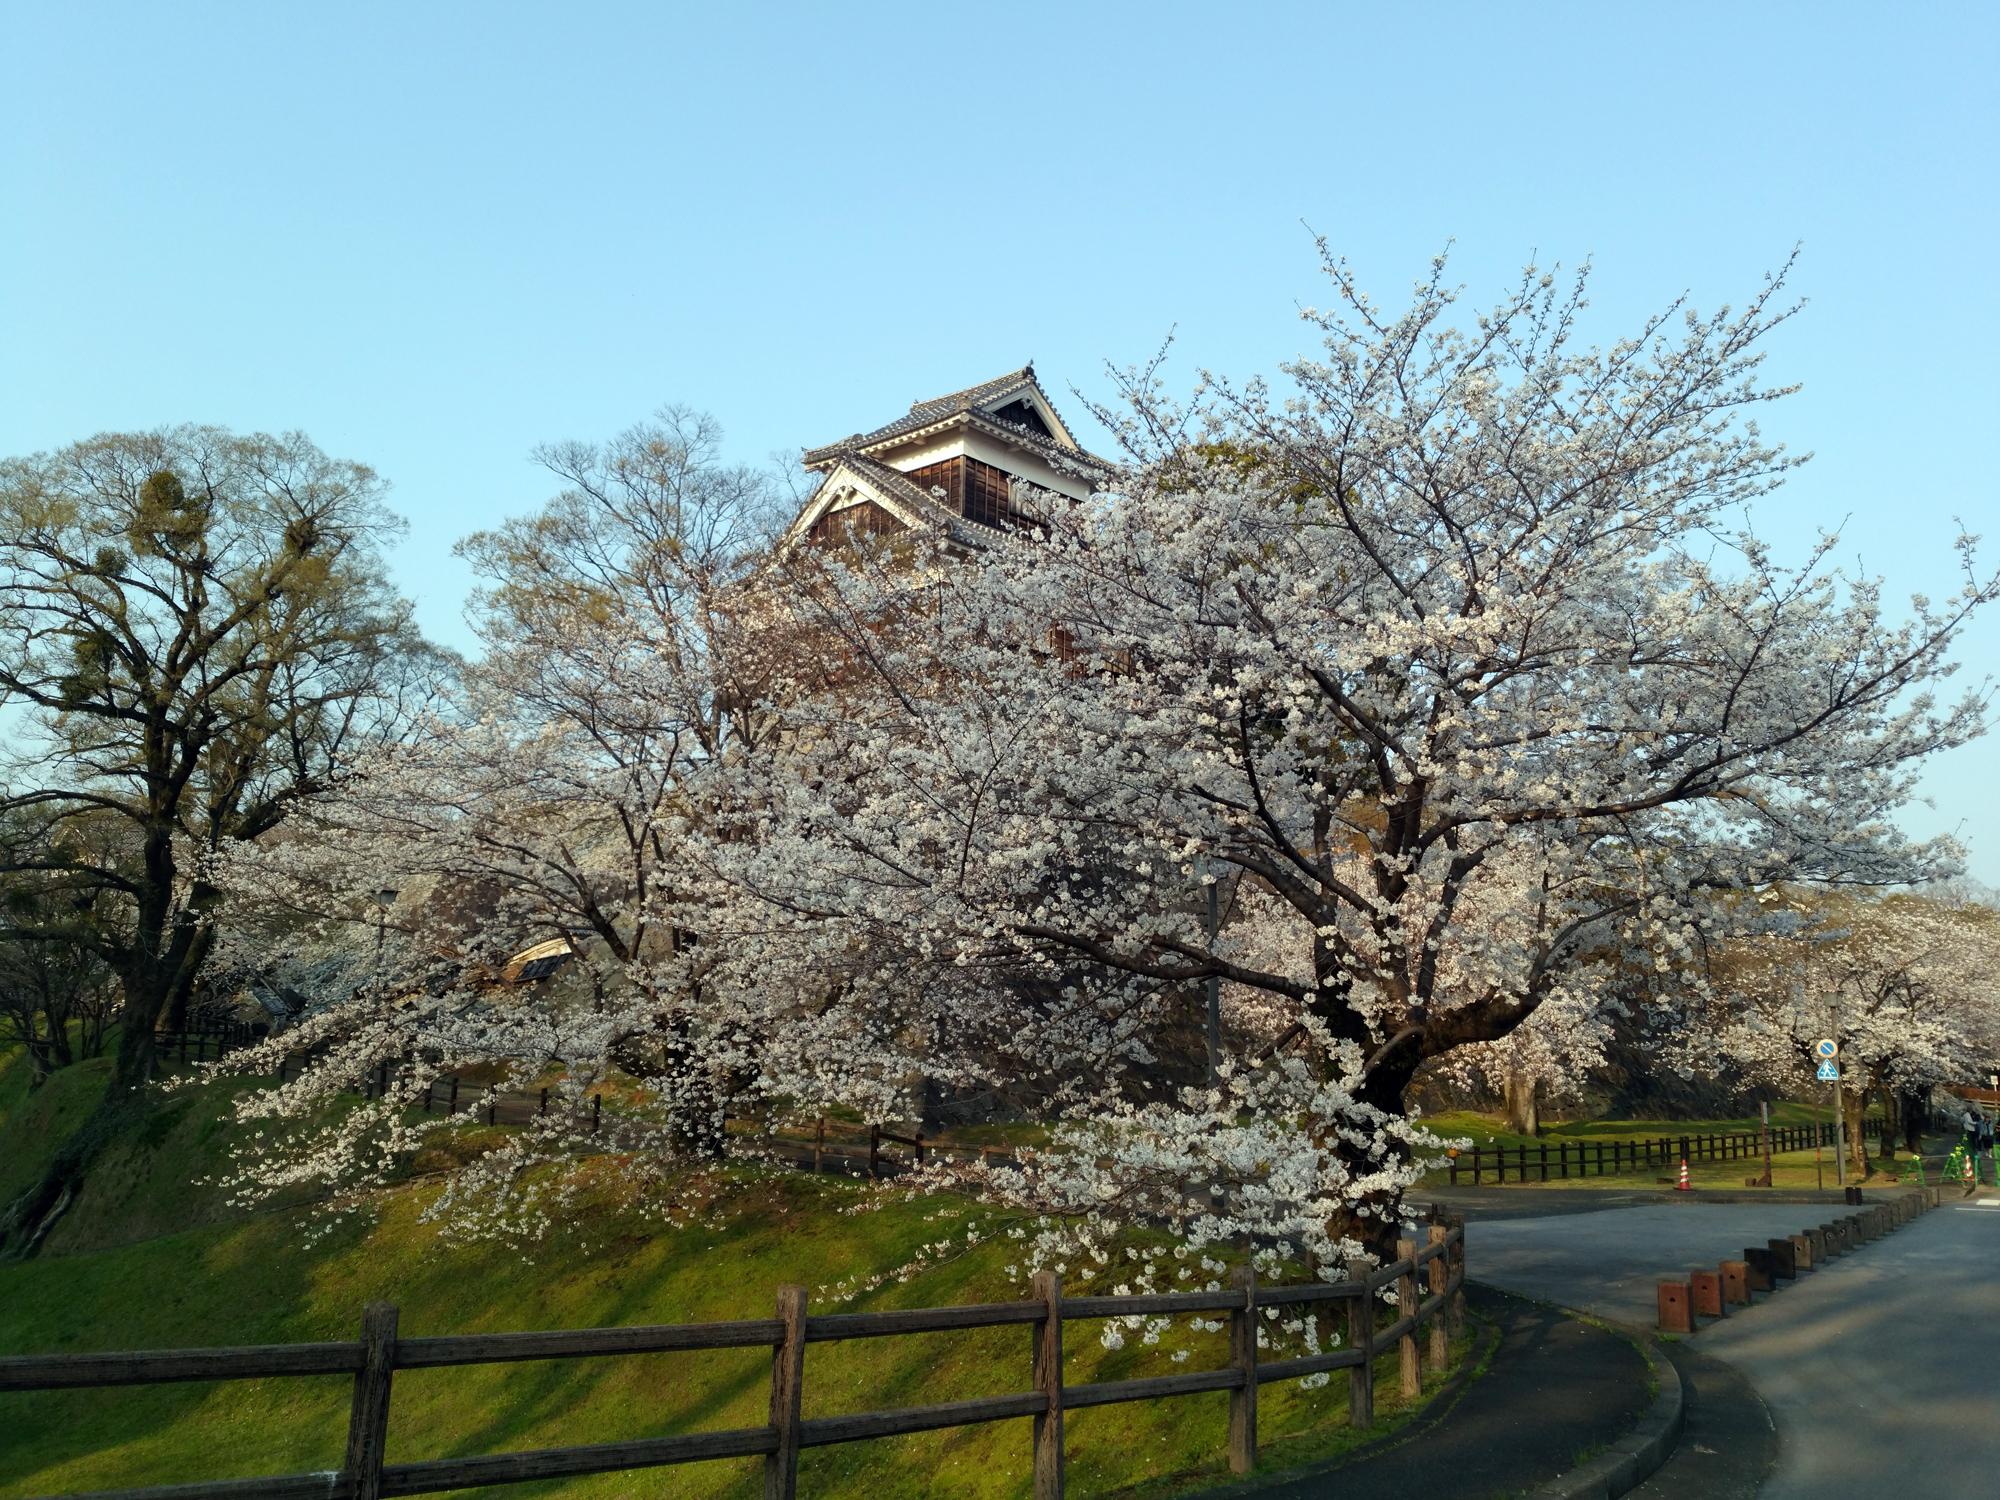 【熊本】熊本城の桜を見に行ってきた【2018年春】